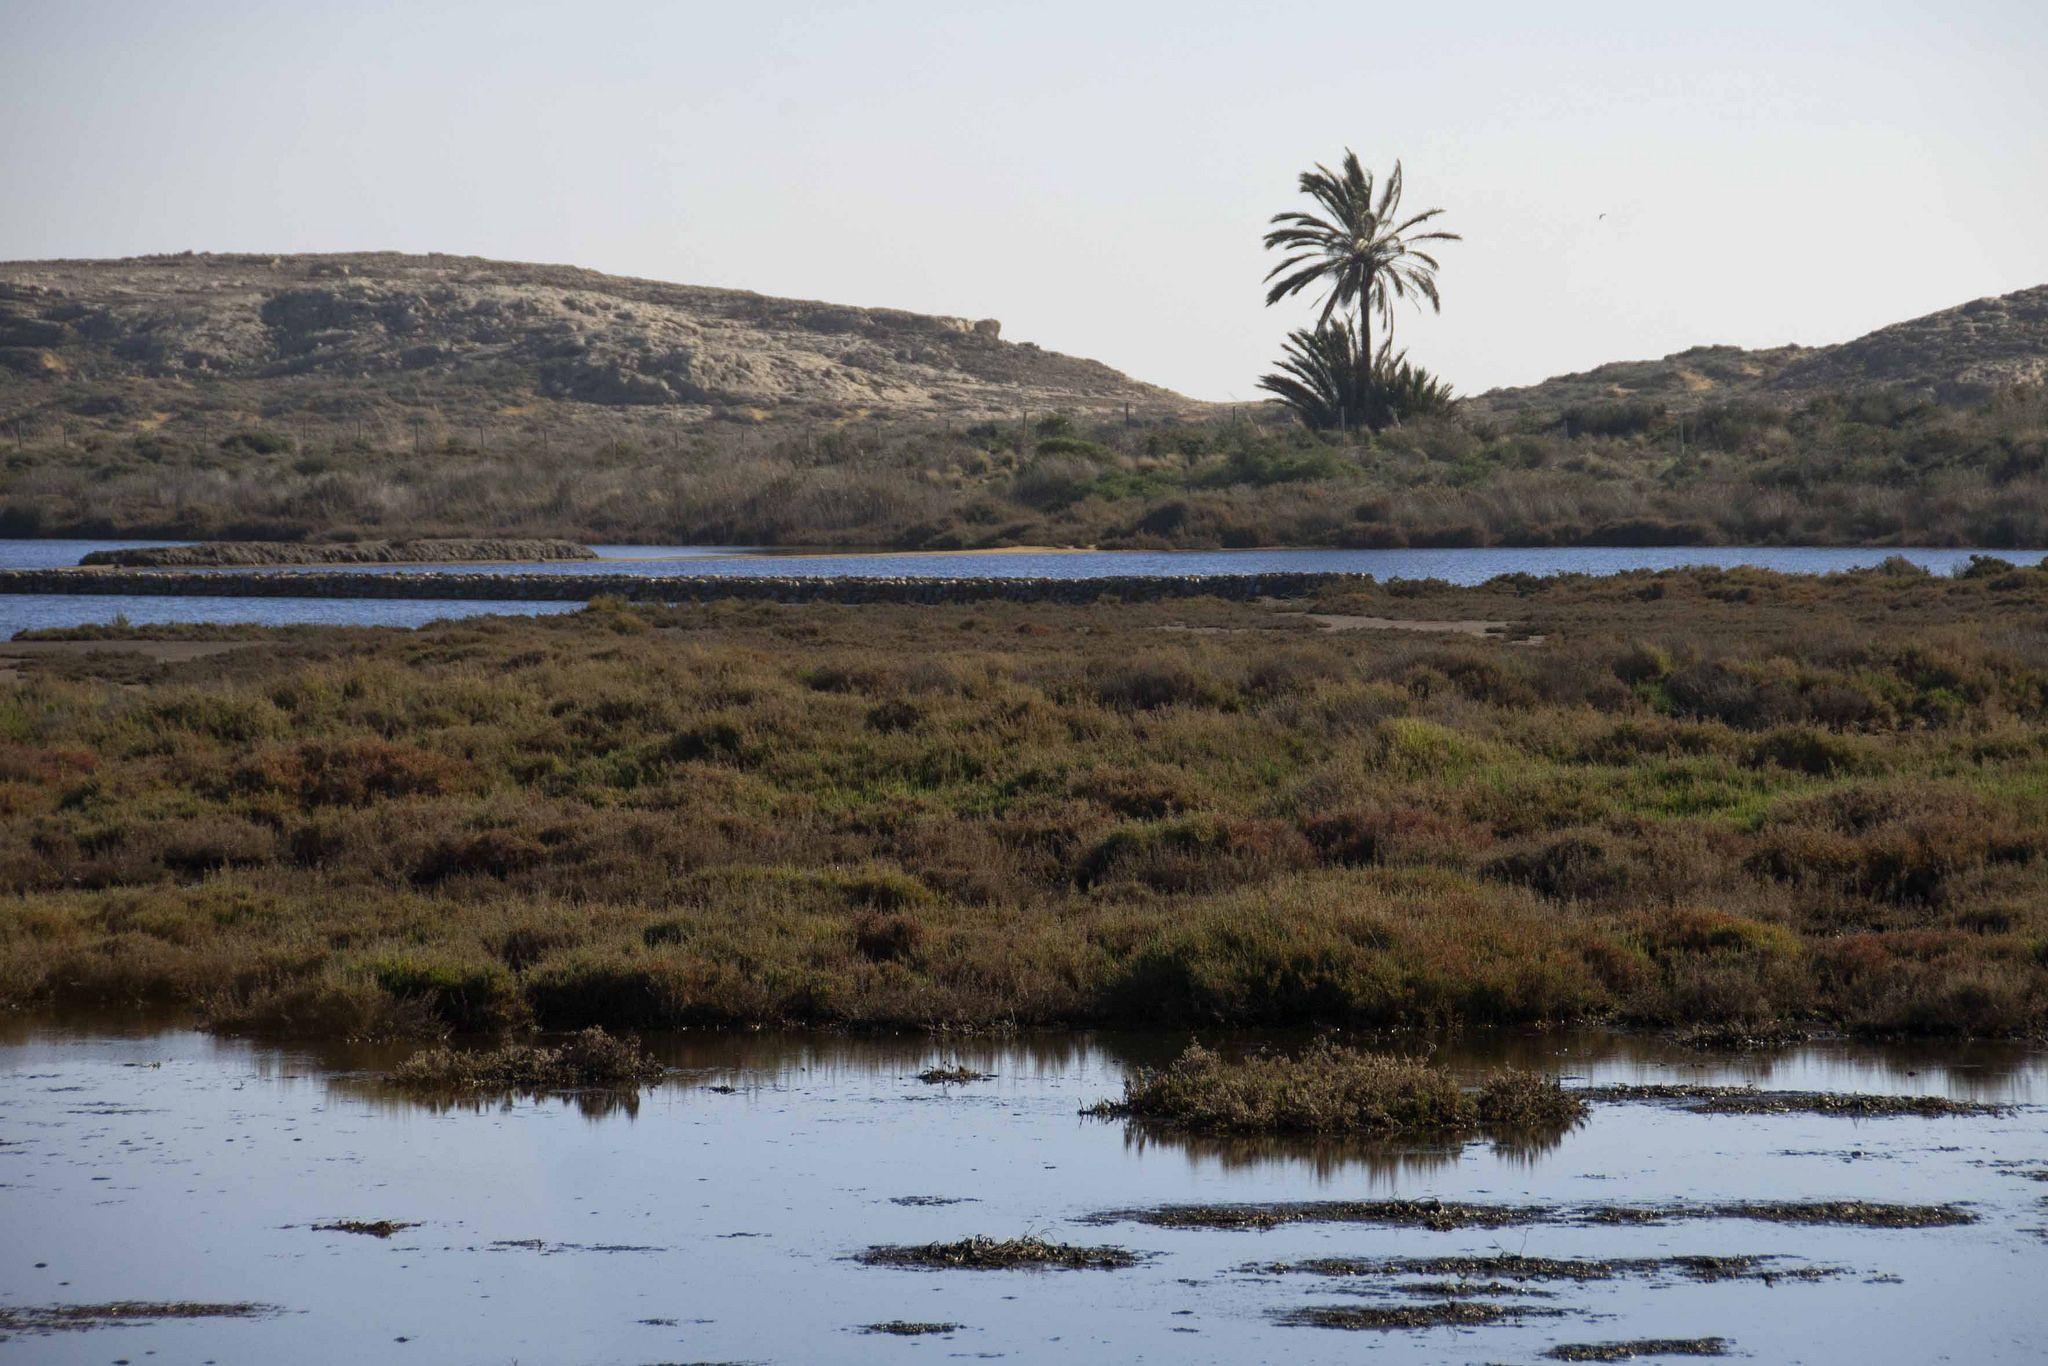 https://flic.kr/p/qazgh9 | Humedal costero | Estas salinas aprovechan un humedal natural pegado a la costa, ecosistemas que fueron habituales a lo largo de la costa mediterránea.